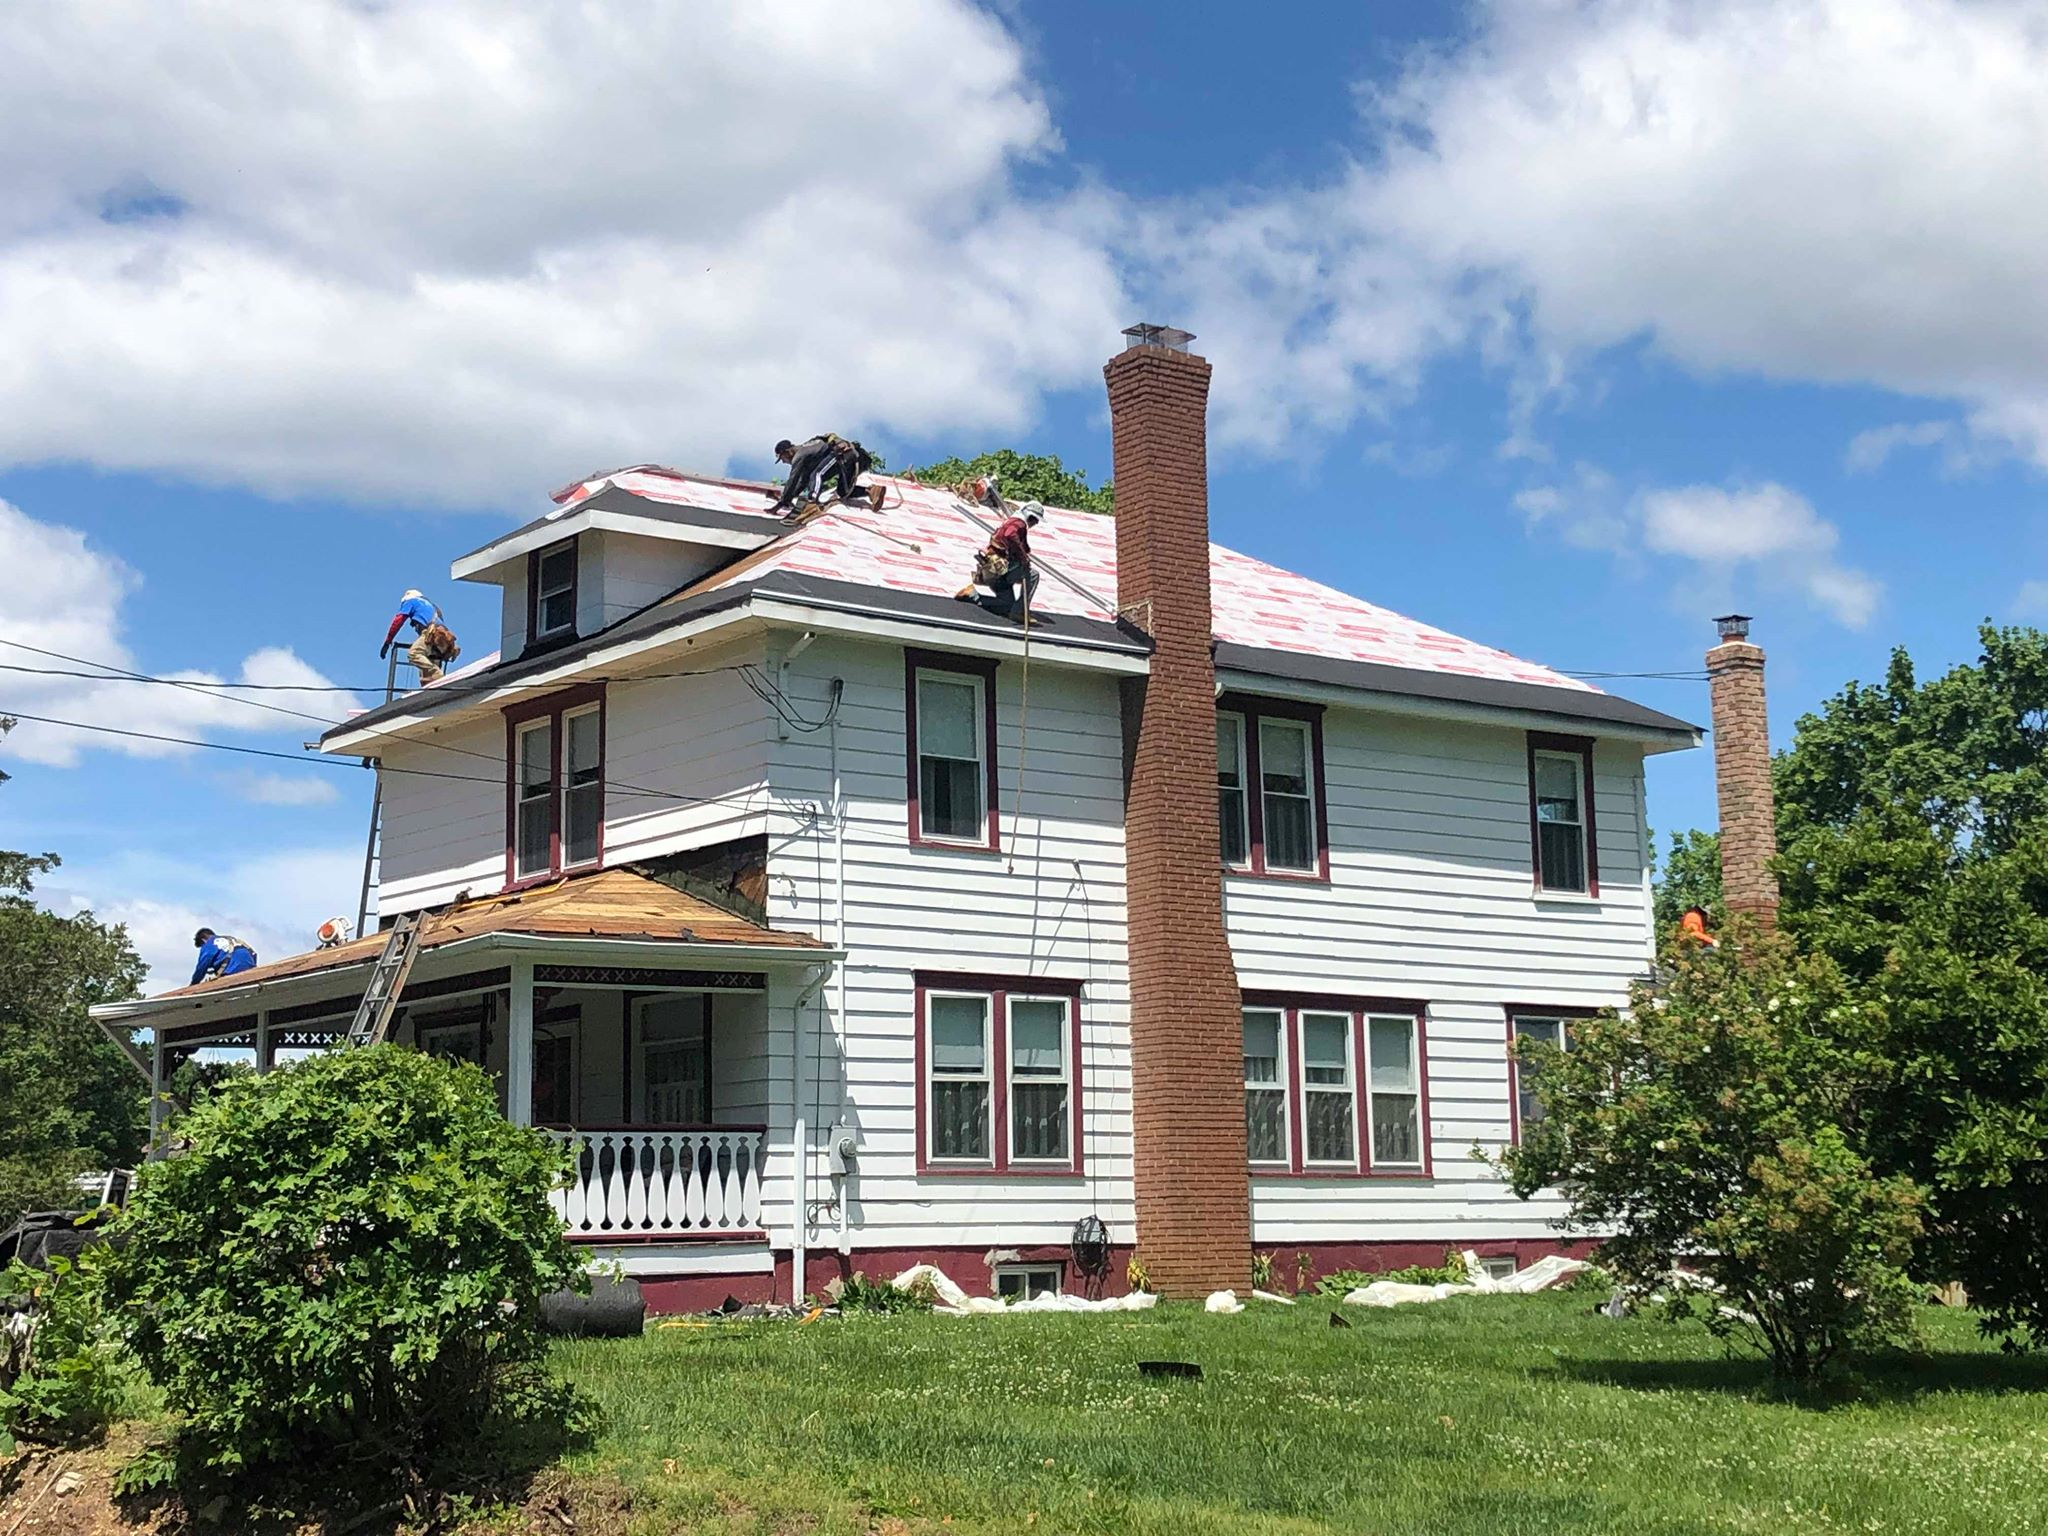 Roofing Contractor in Old Bridge NJ